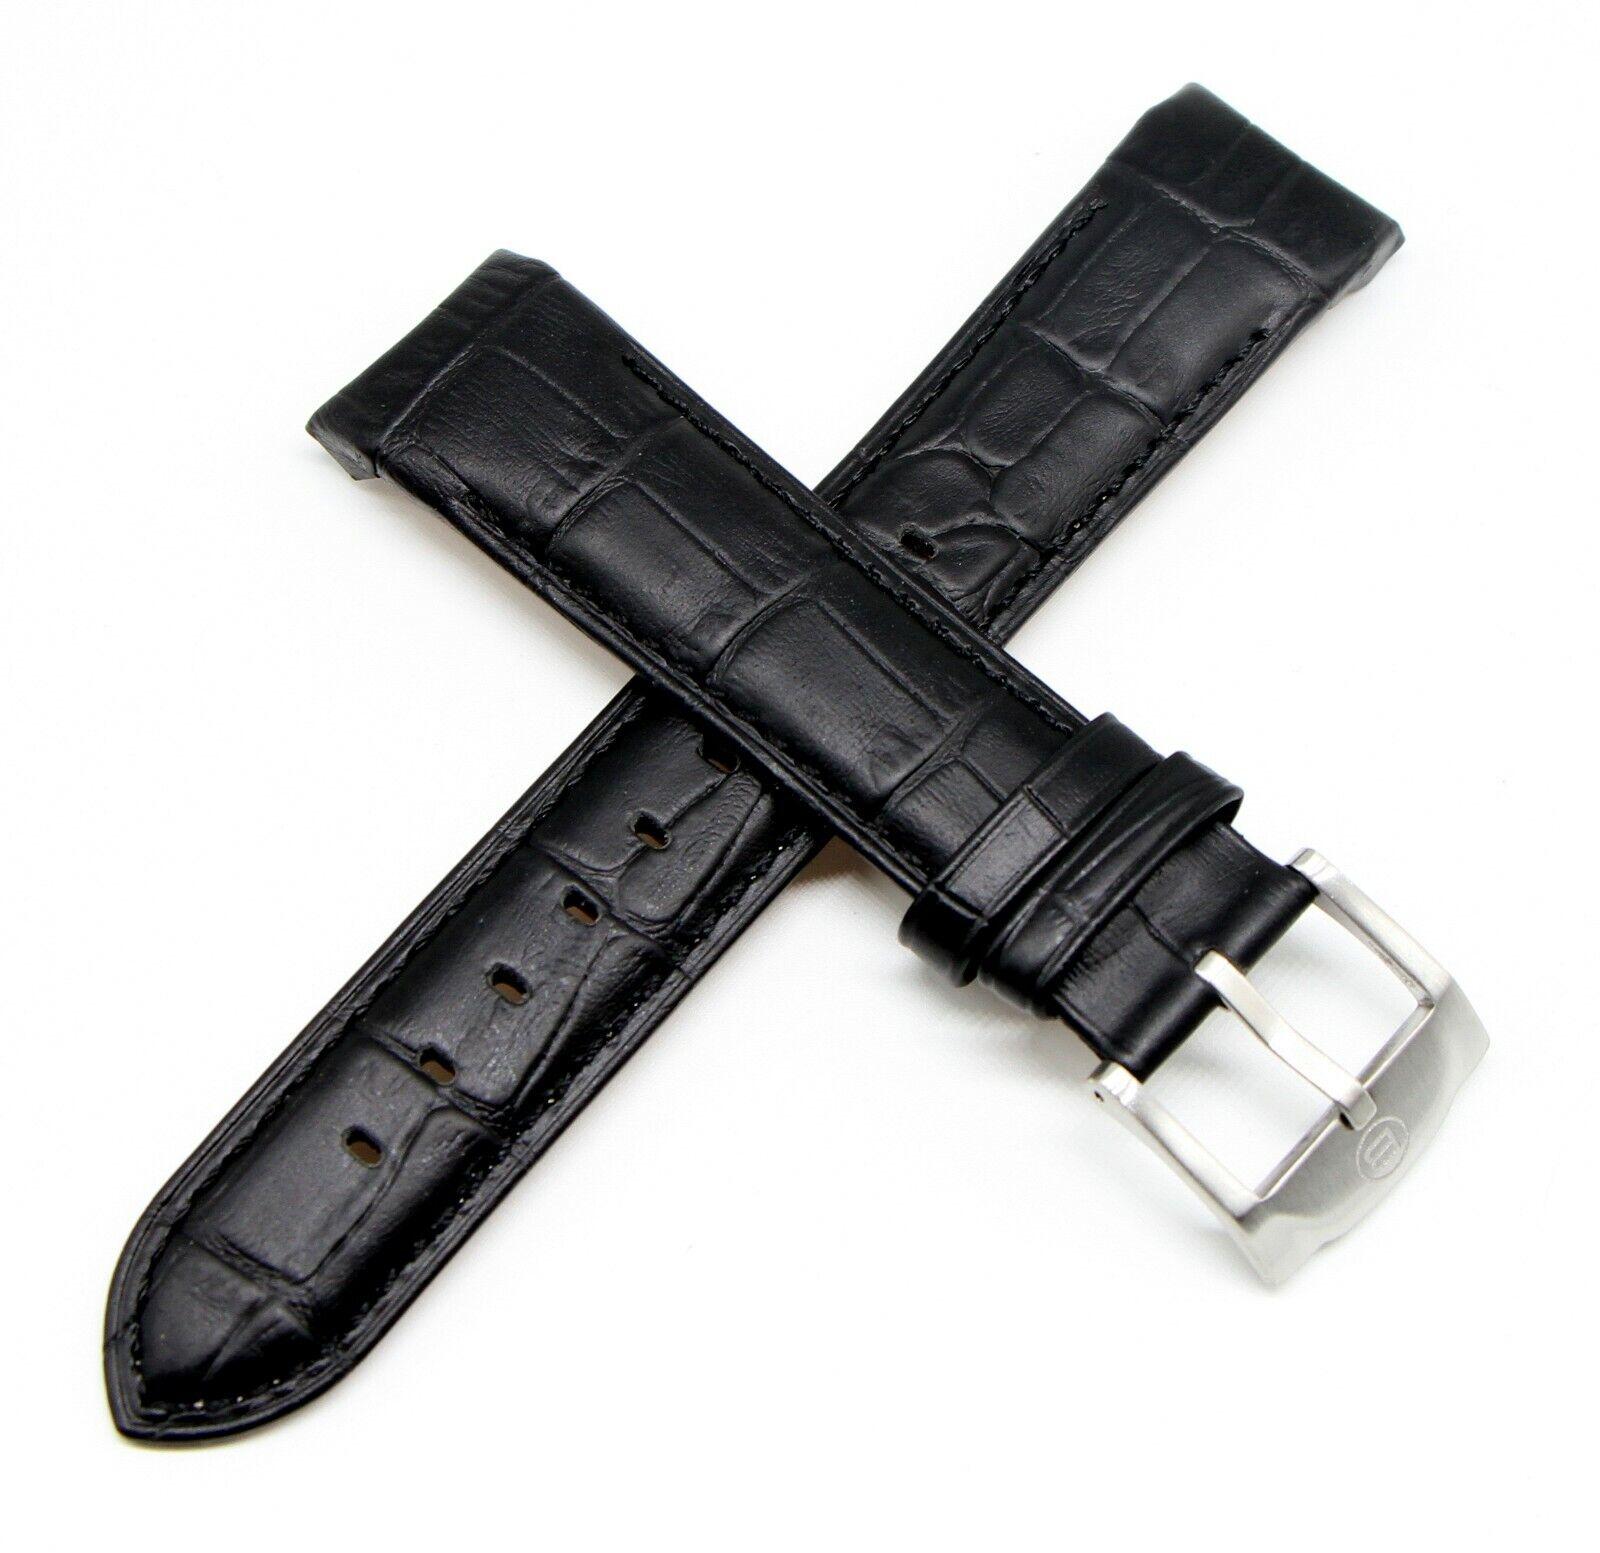 Ben & Sons Uhrenarmband Leder 22 MM Alligator Optik Schwarz für West Side